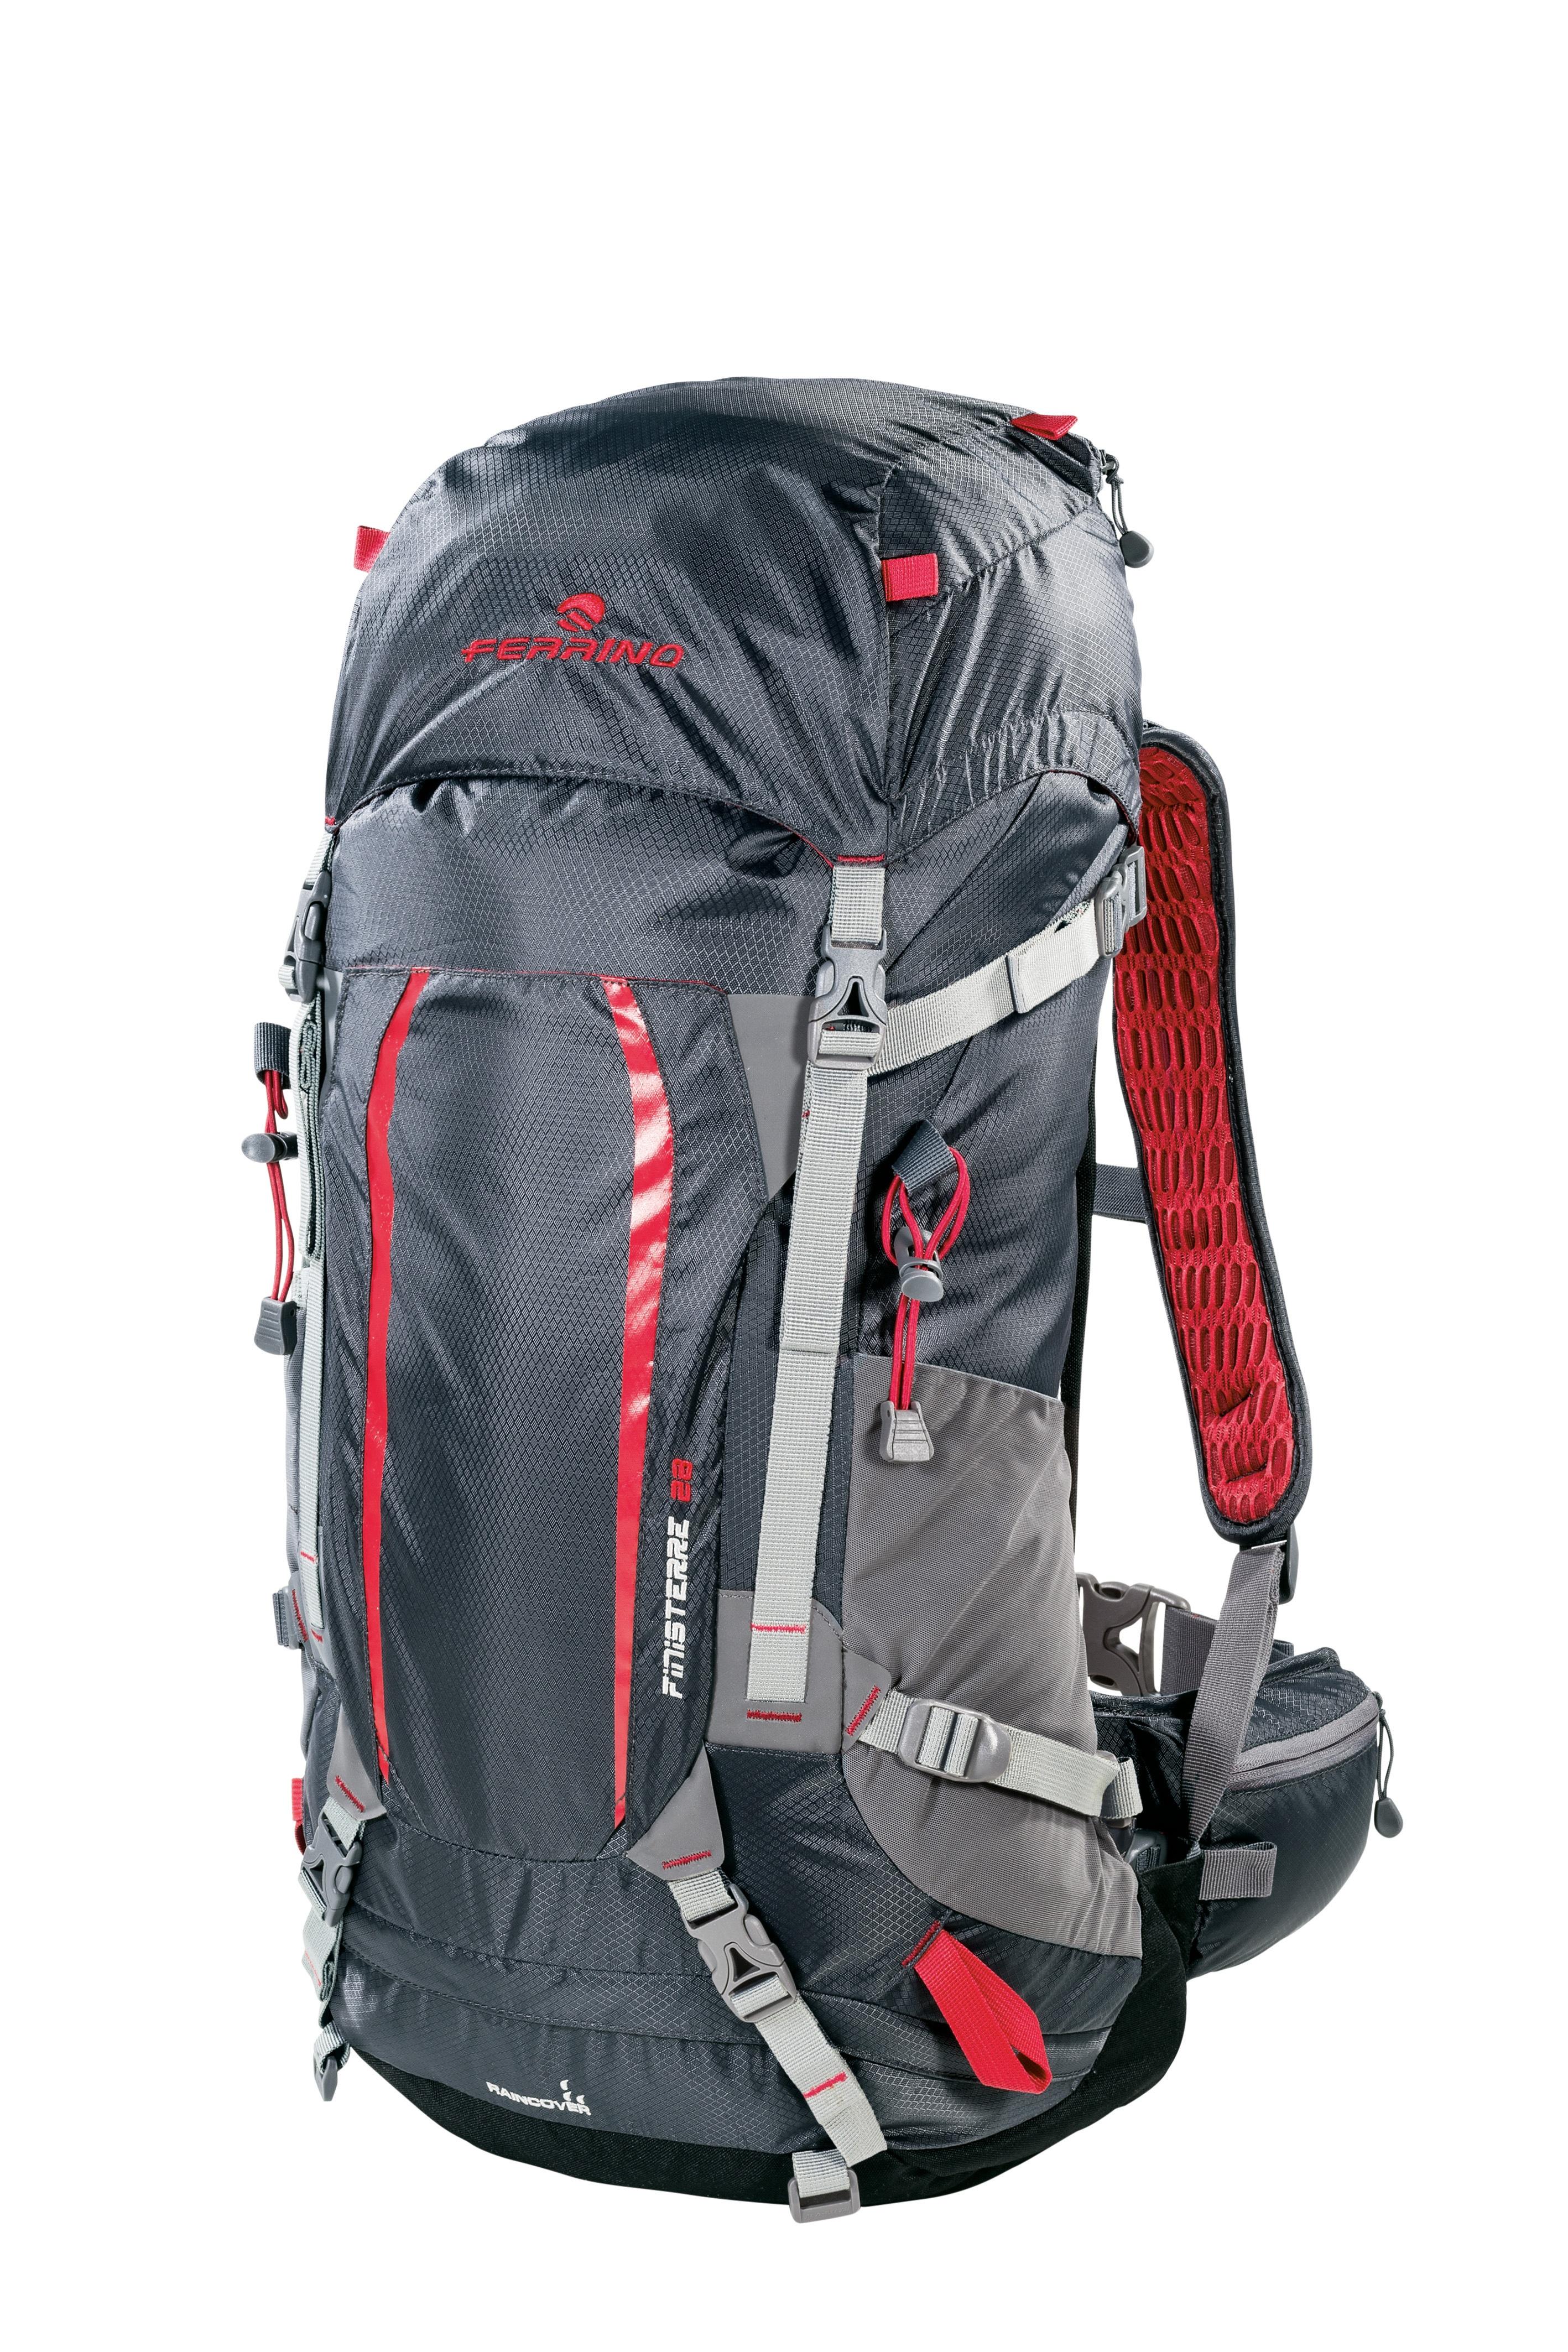 Как уберечь рюкзак от дождя фоторюкзак burton 2014 focus pack true black